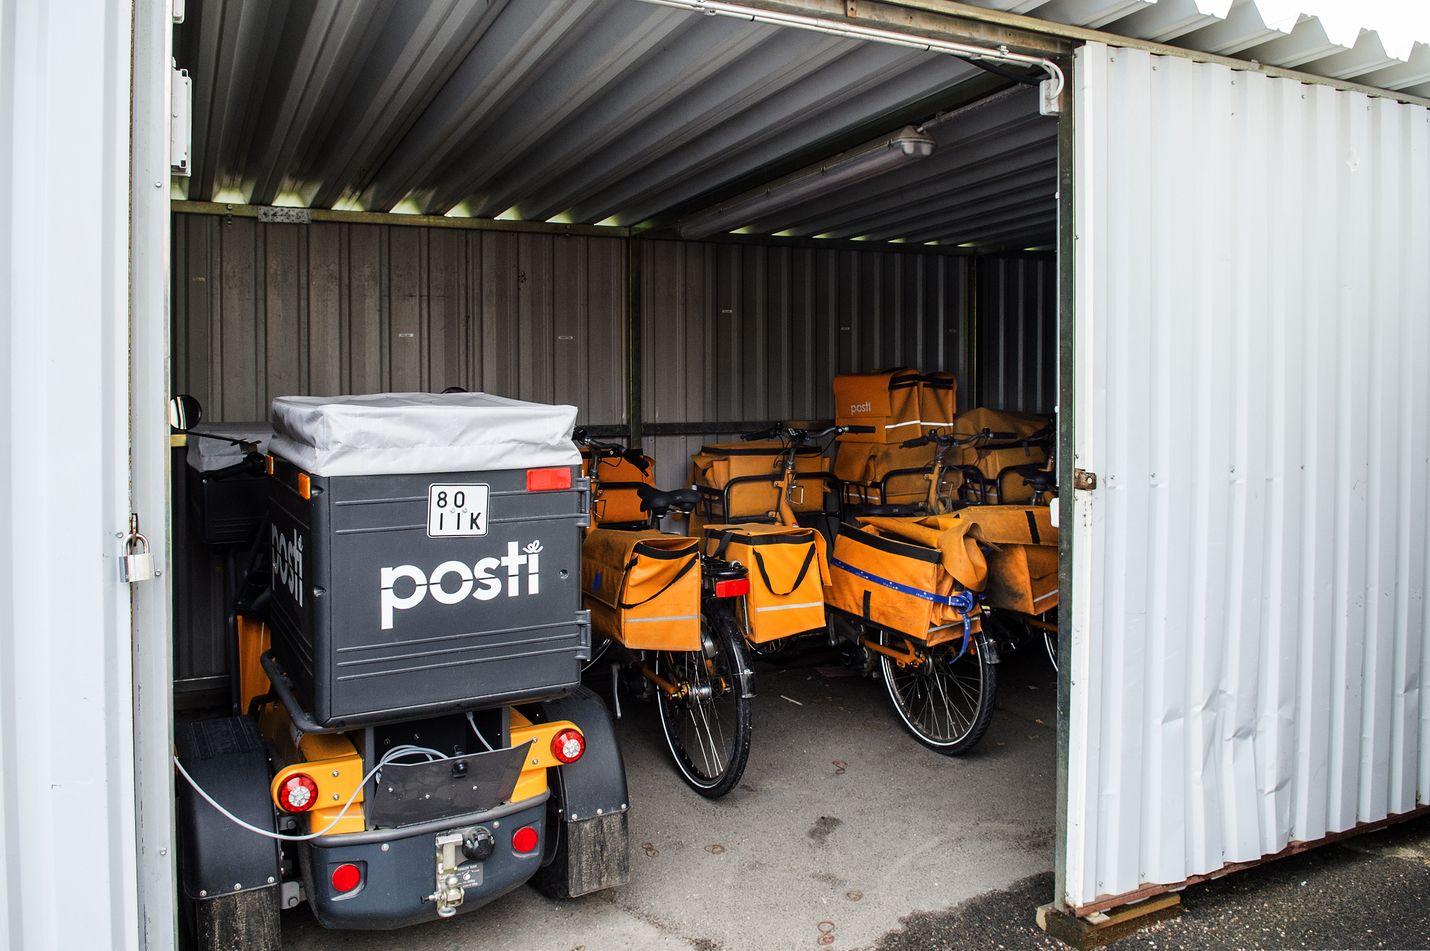 Jaettavan postin määrä on vähentynyt tuntuvasti viime vuosina, mikä on aiheuttanut loven Postin tulokseen.